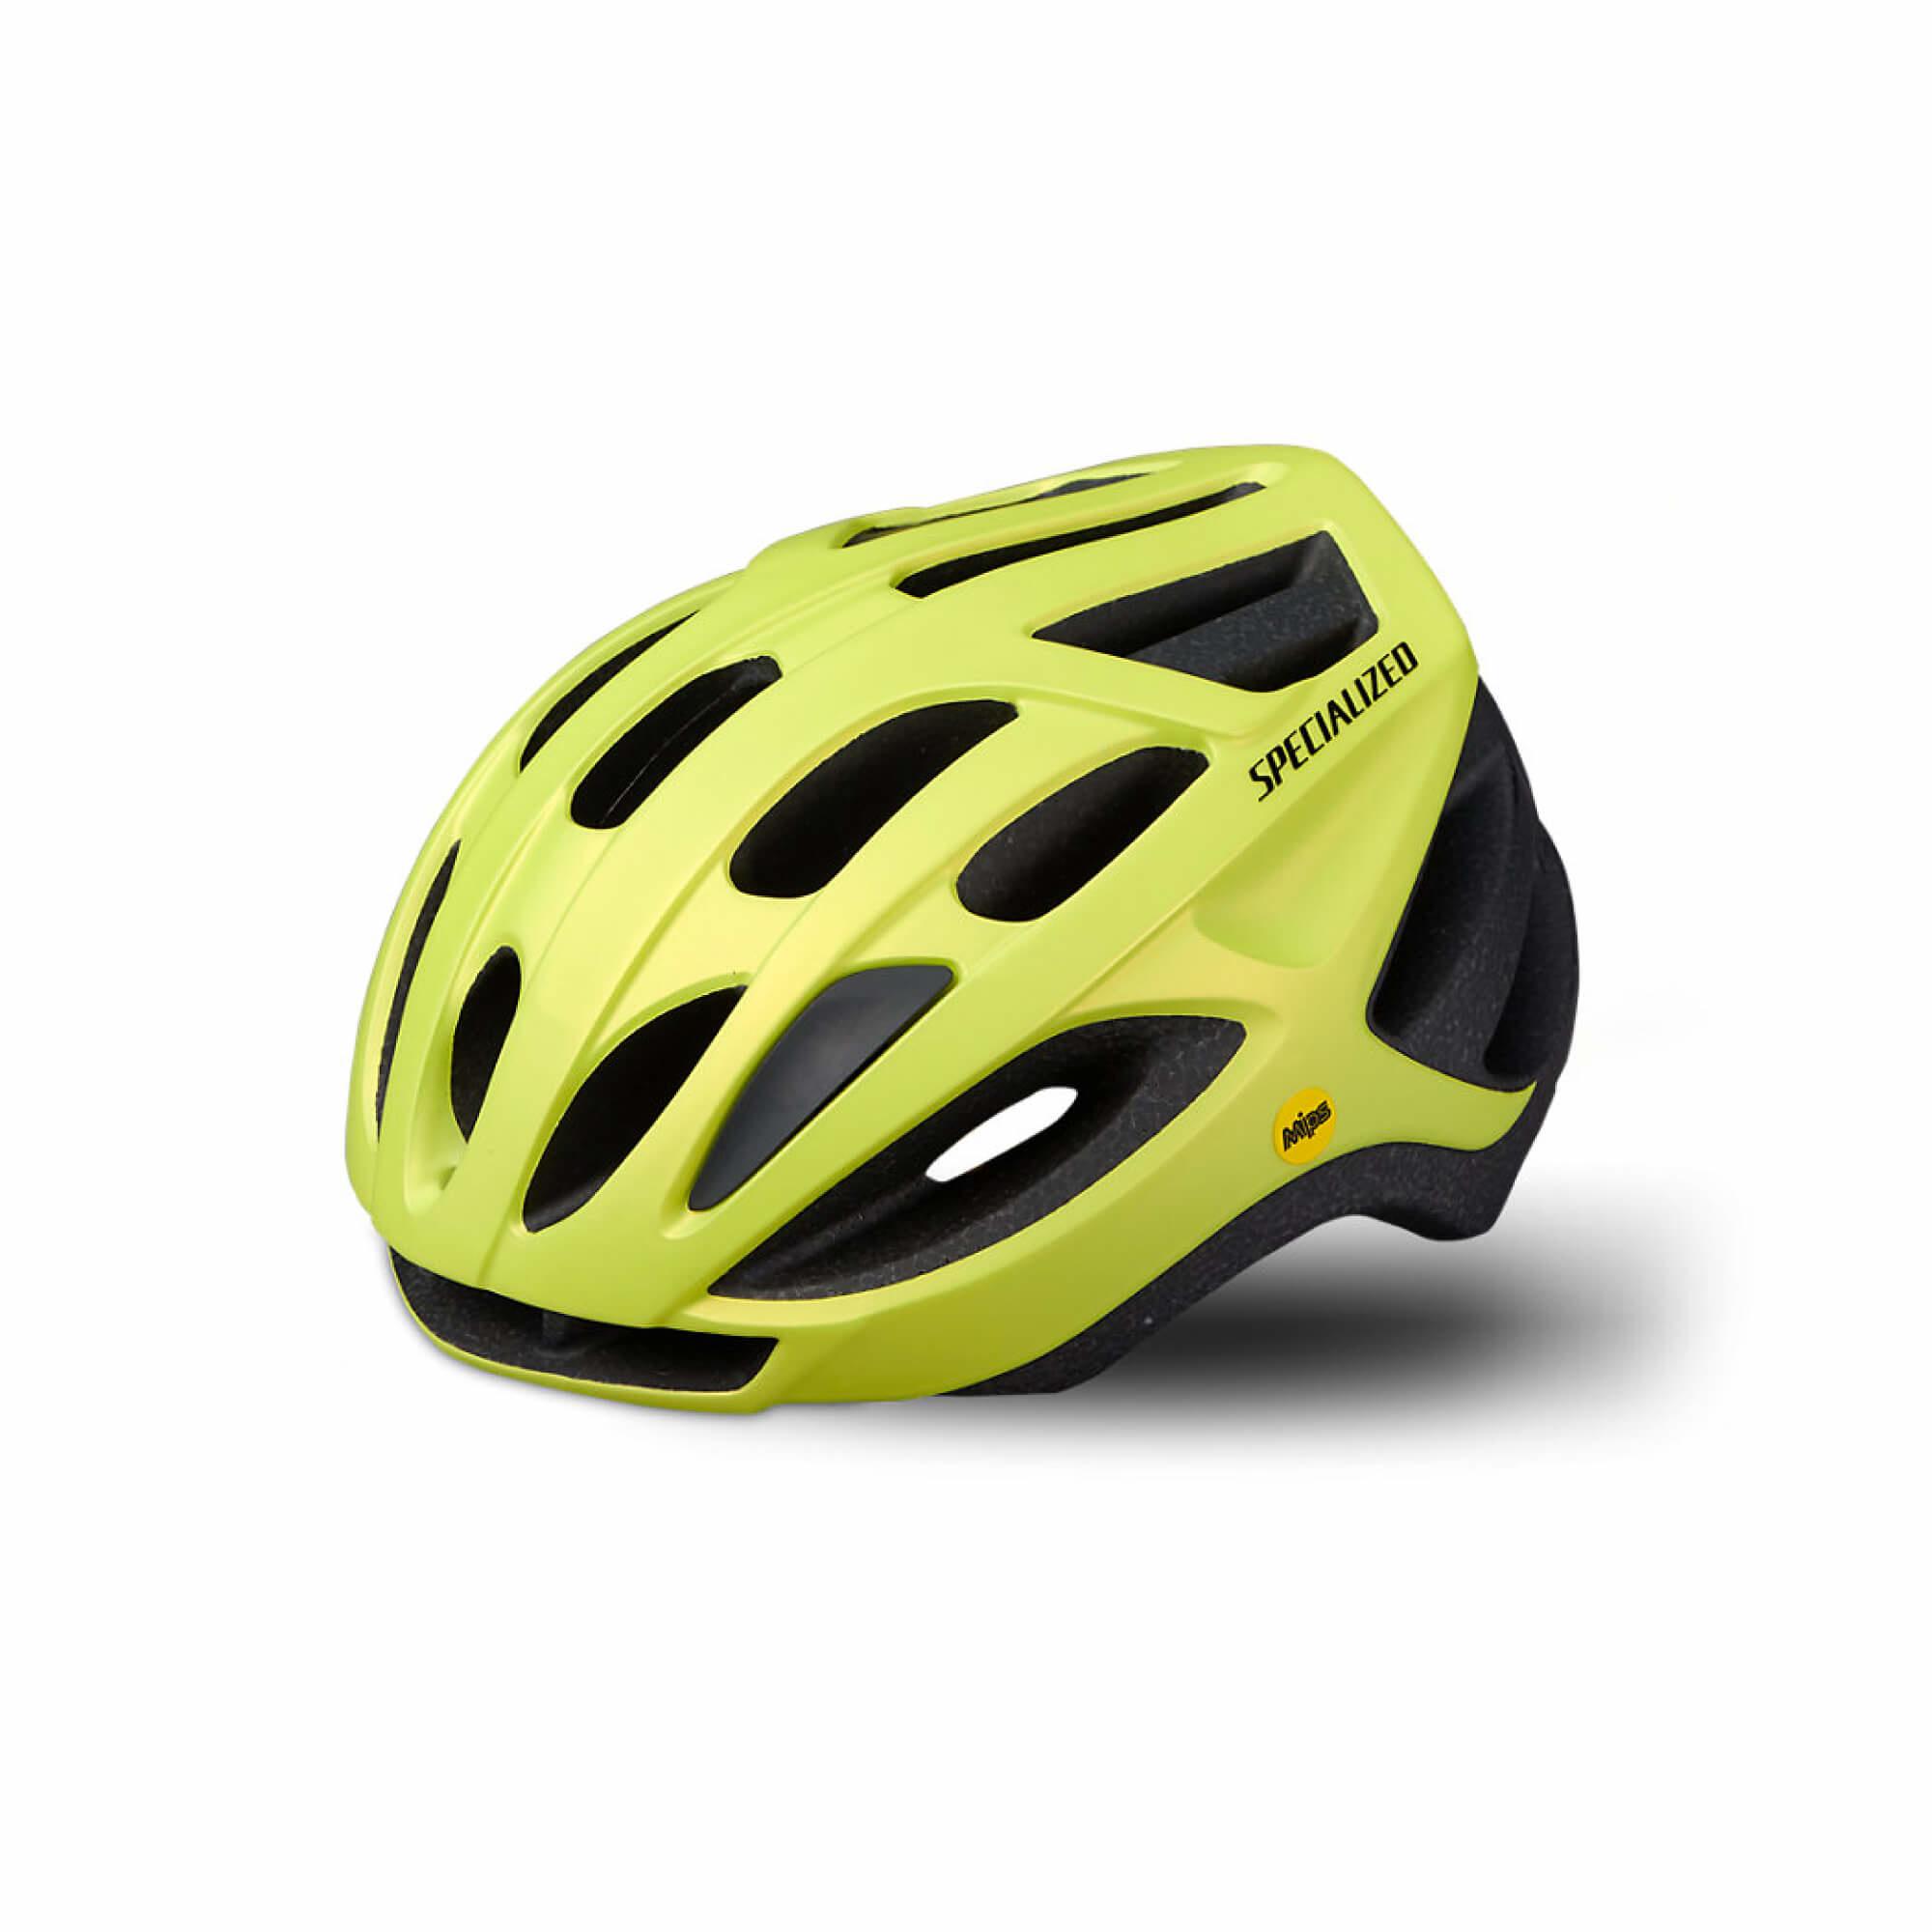 Align Helmet Mips-6